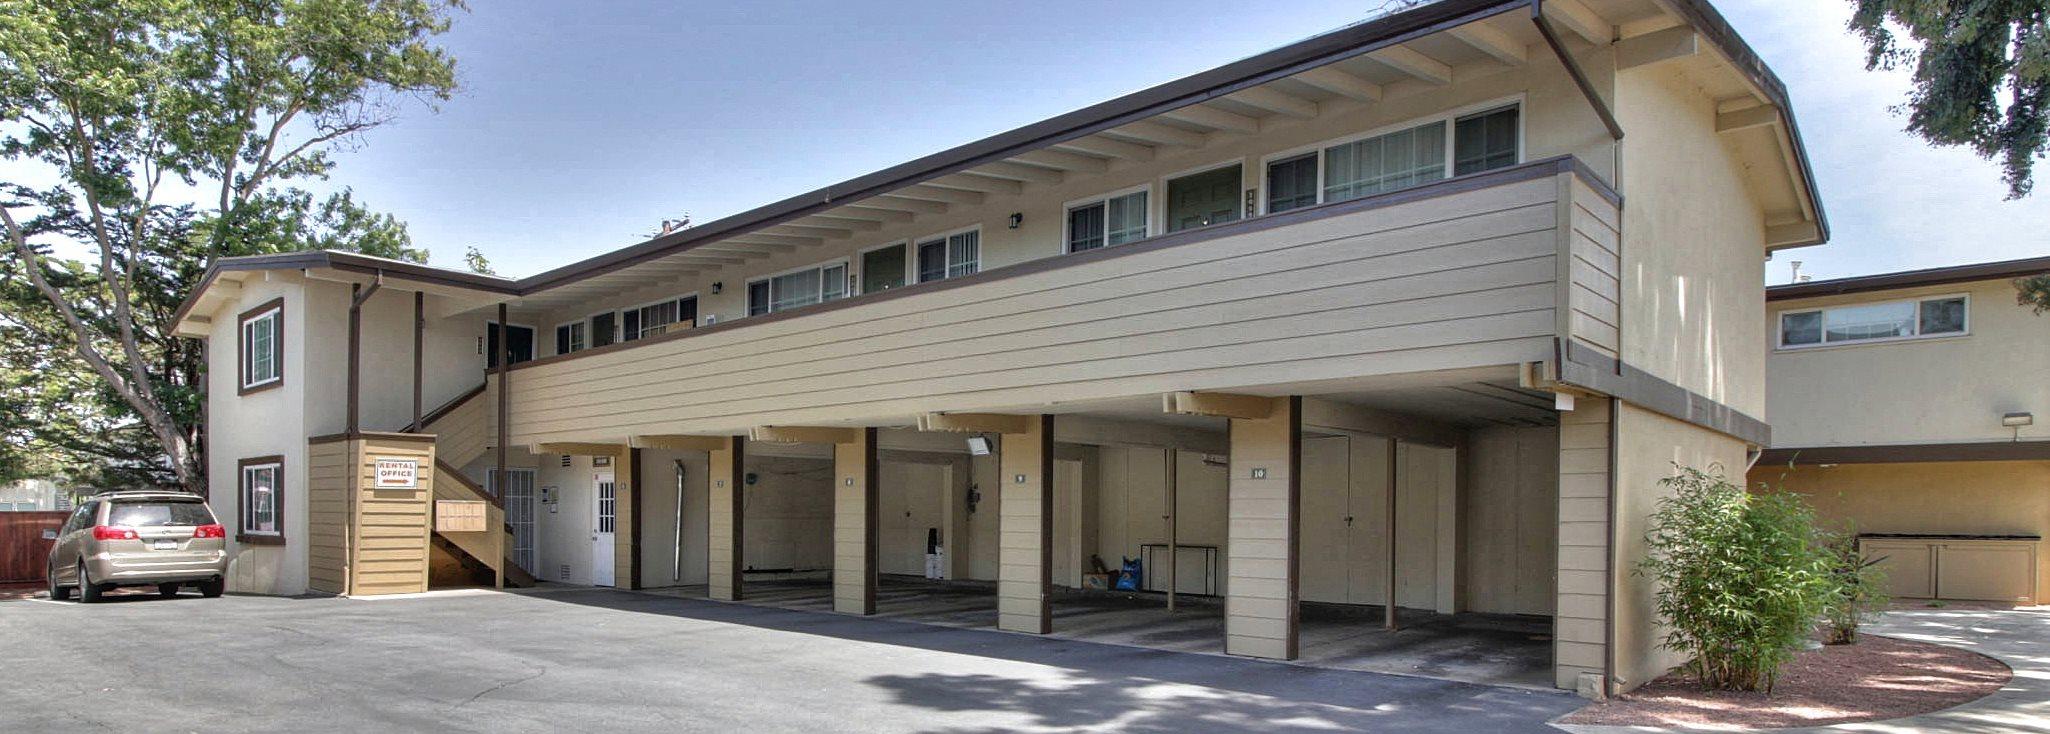 Apartments Near Palo Alto